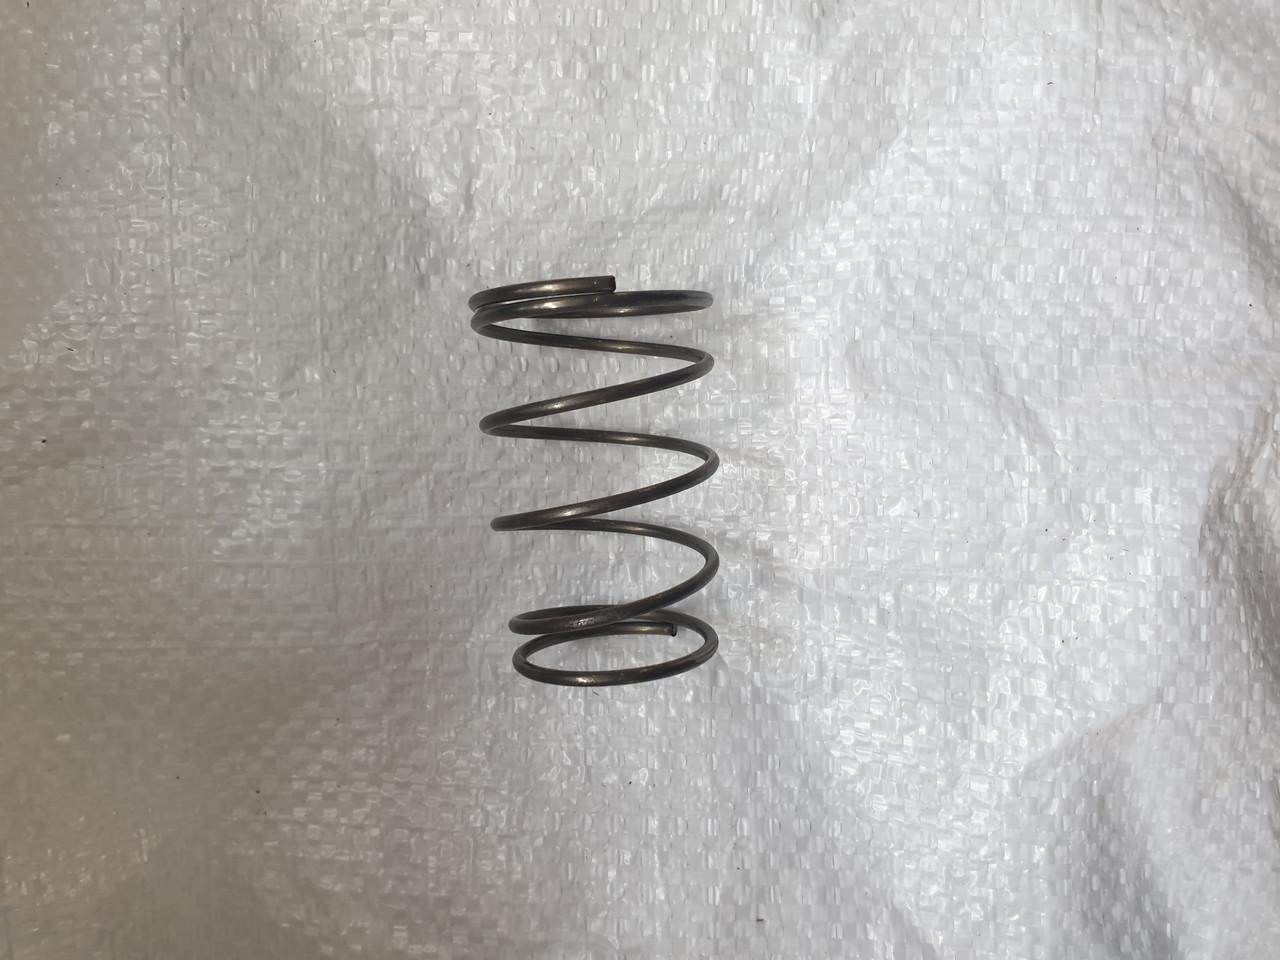 Мотокоса Пружина висока головки з волосінню ○-33 і 37 мм, довжина 57мм